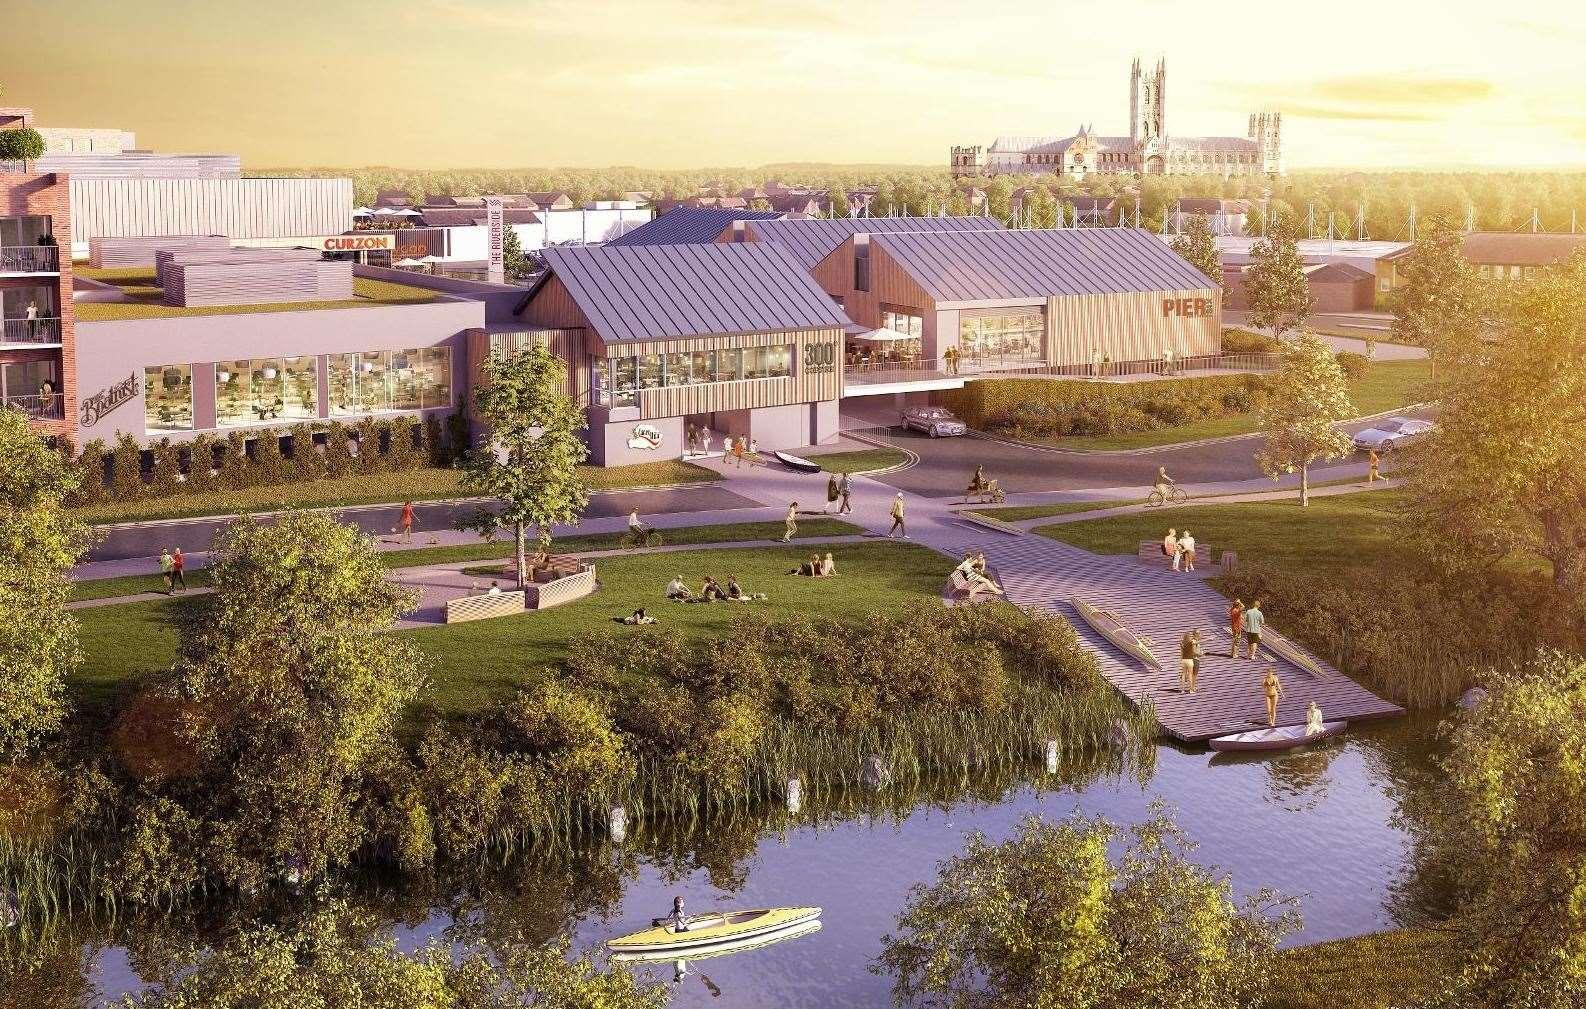 Un nouveau CGI à la rivière, où il est né, montrant un canoë